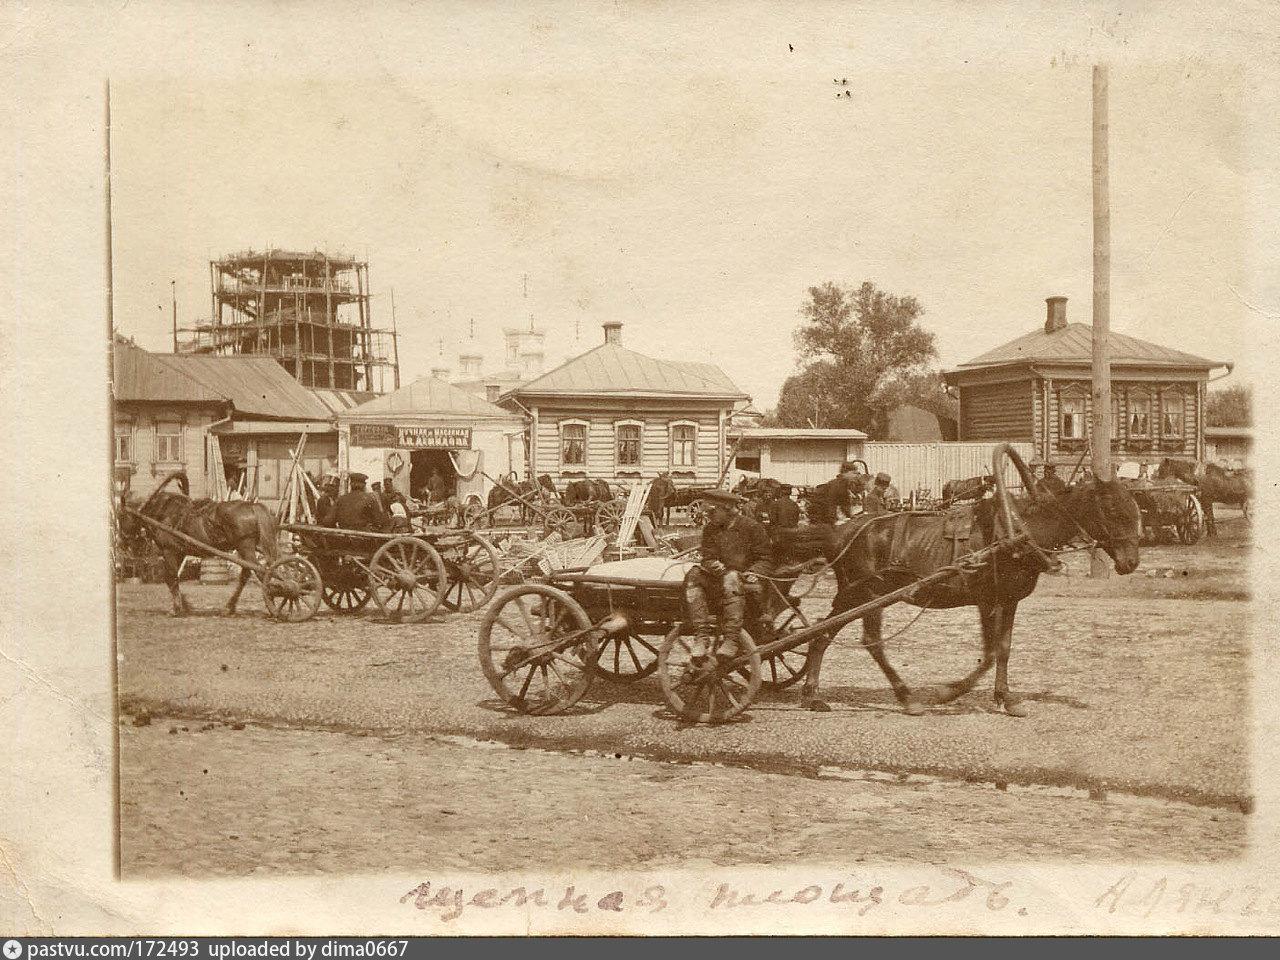 картинку старое фото щепной площади неё сторону центра